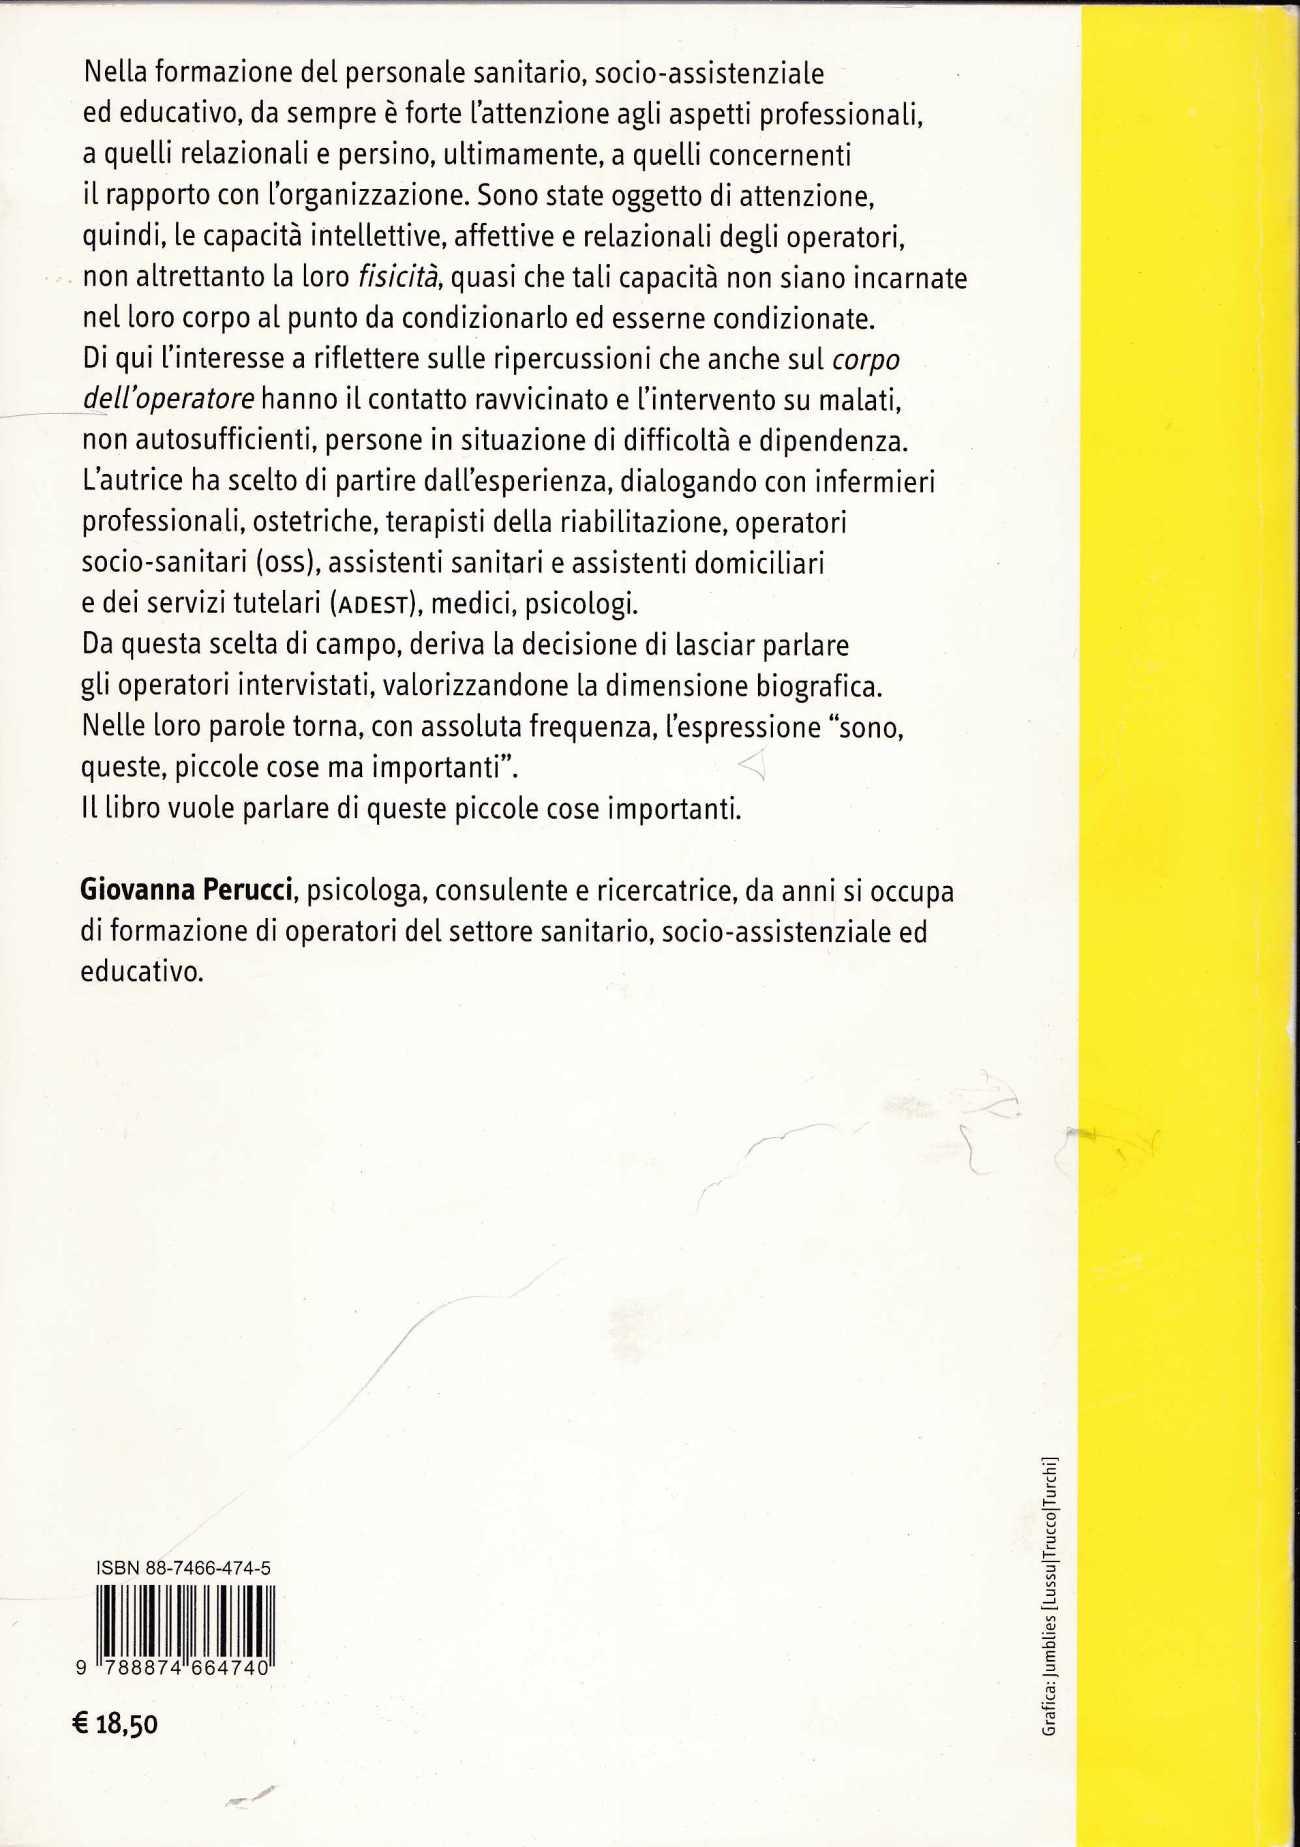 PERUCCI2160